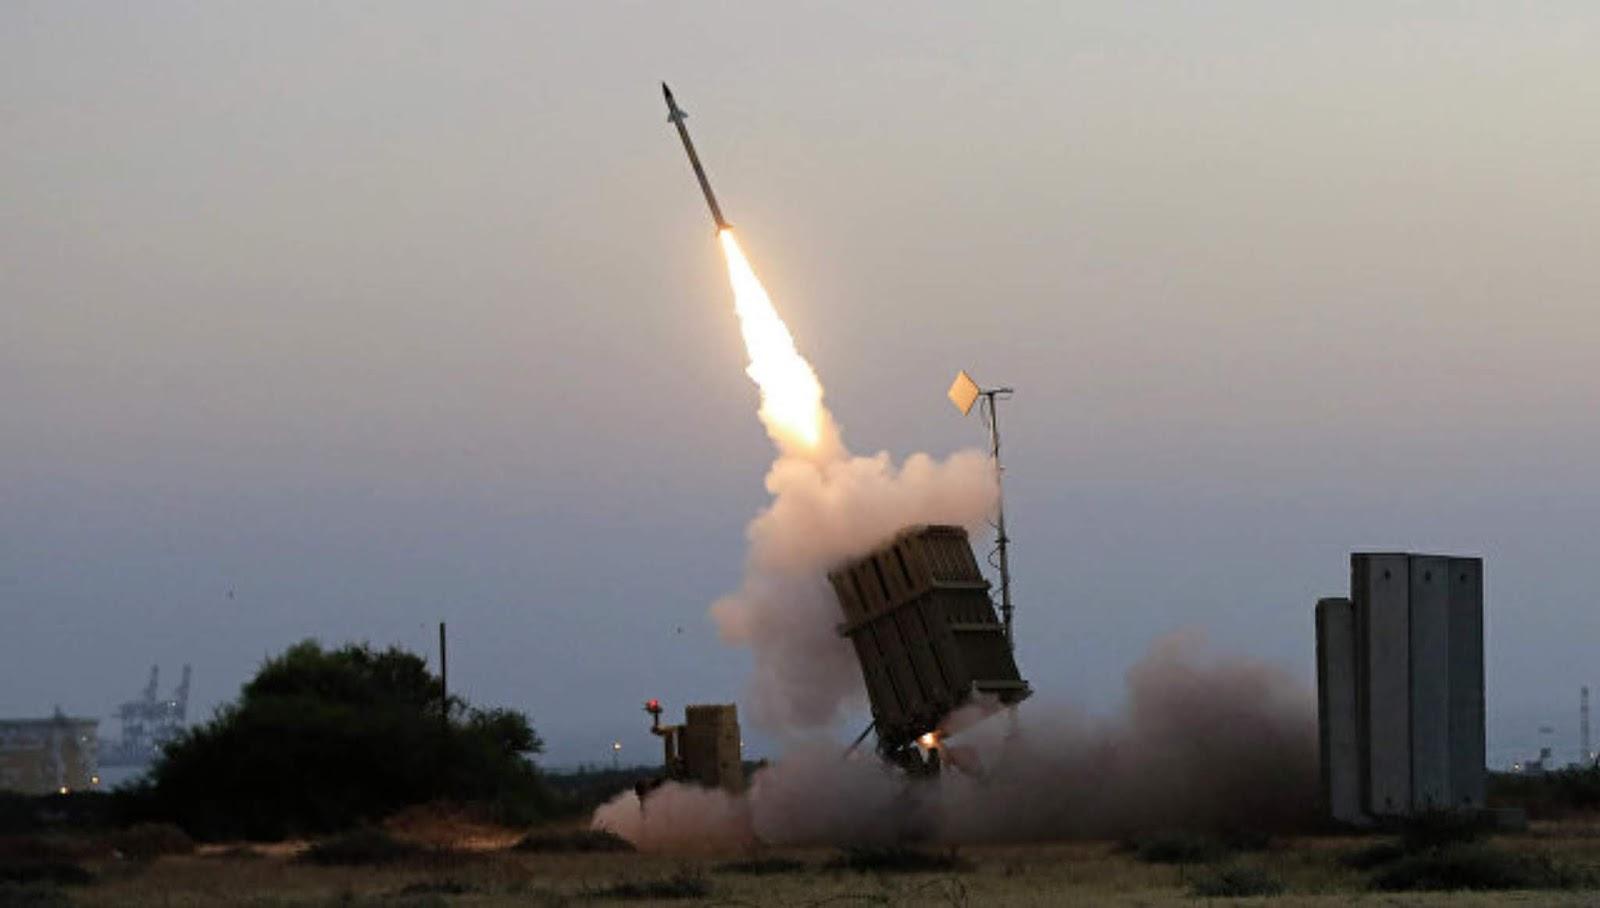 Kongres AS mengakui tidak ada pertahanan senjata hipersonik Rusia dan Cina